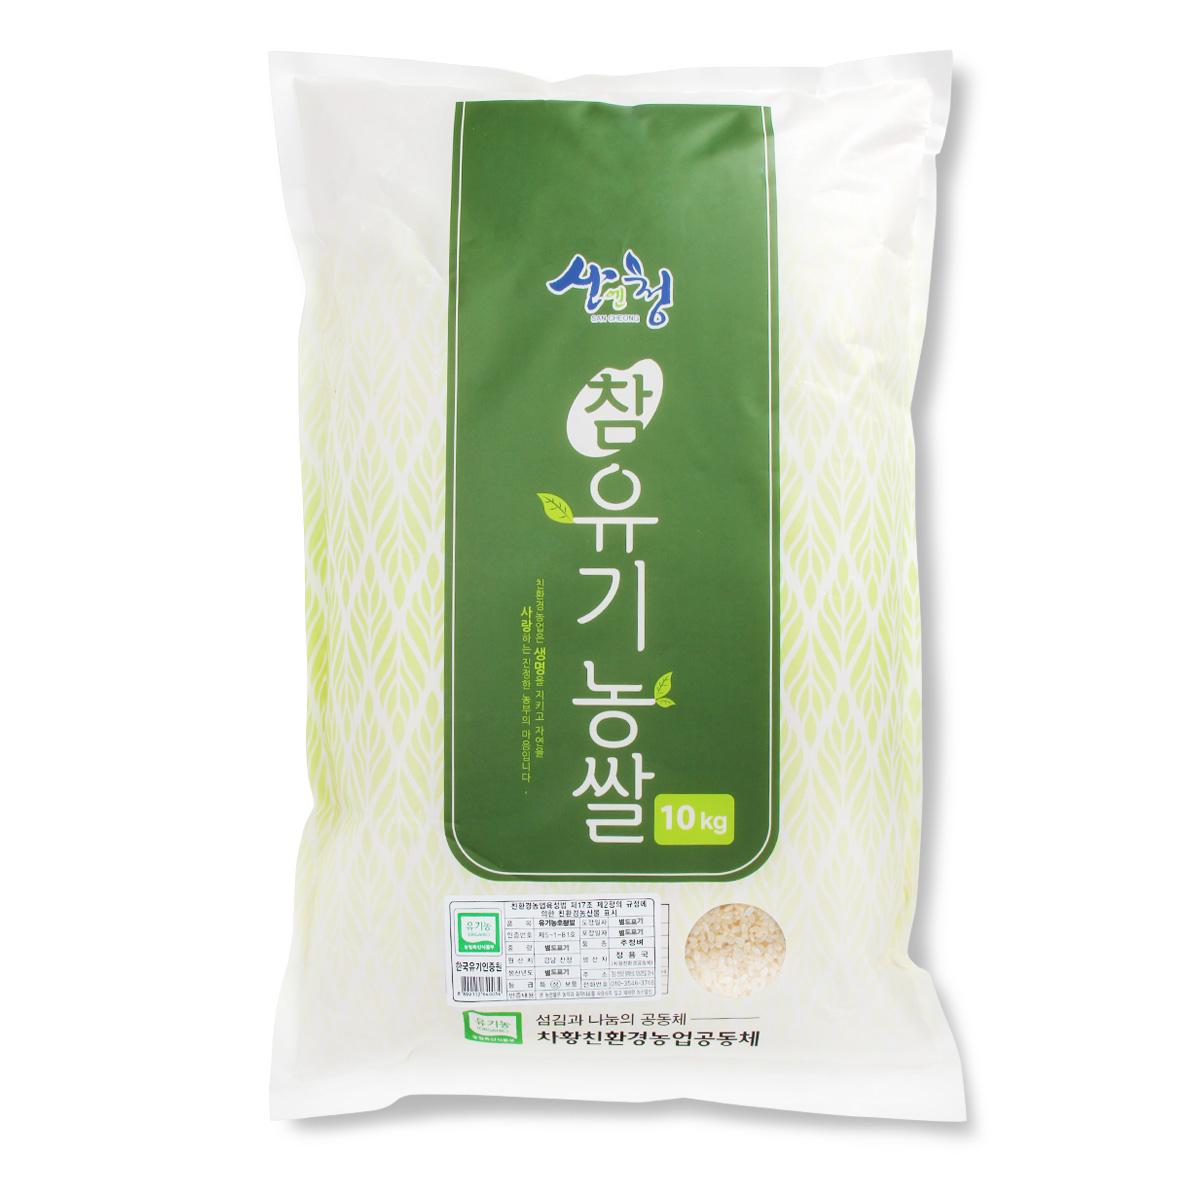 [산엔청] 참 유기농 오분도미 10kg (2020년 햅쌀), 1개